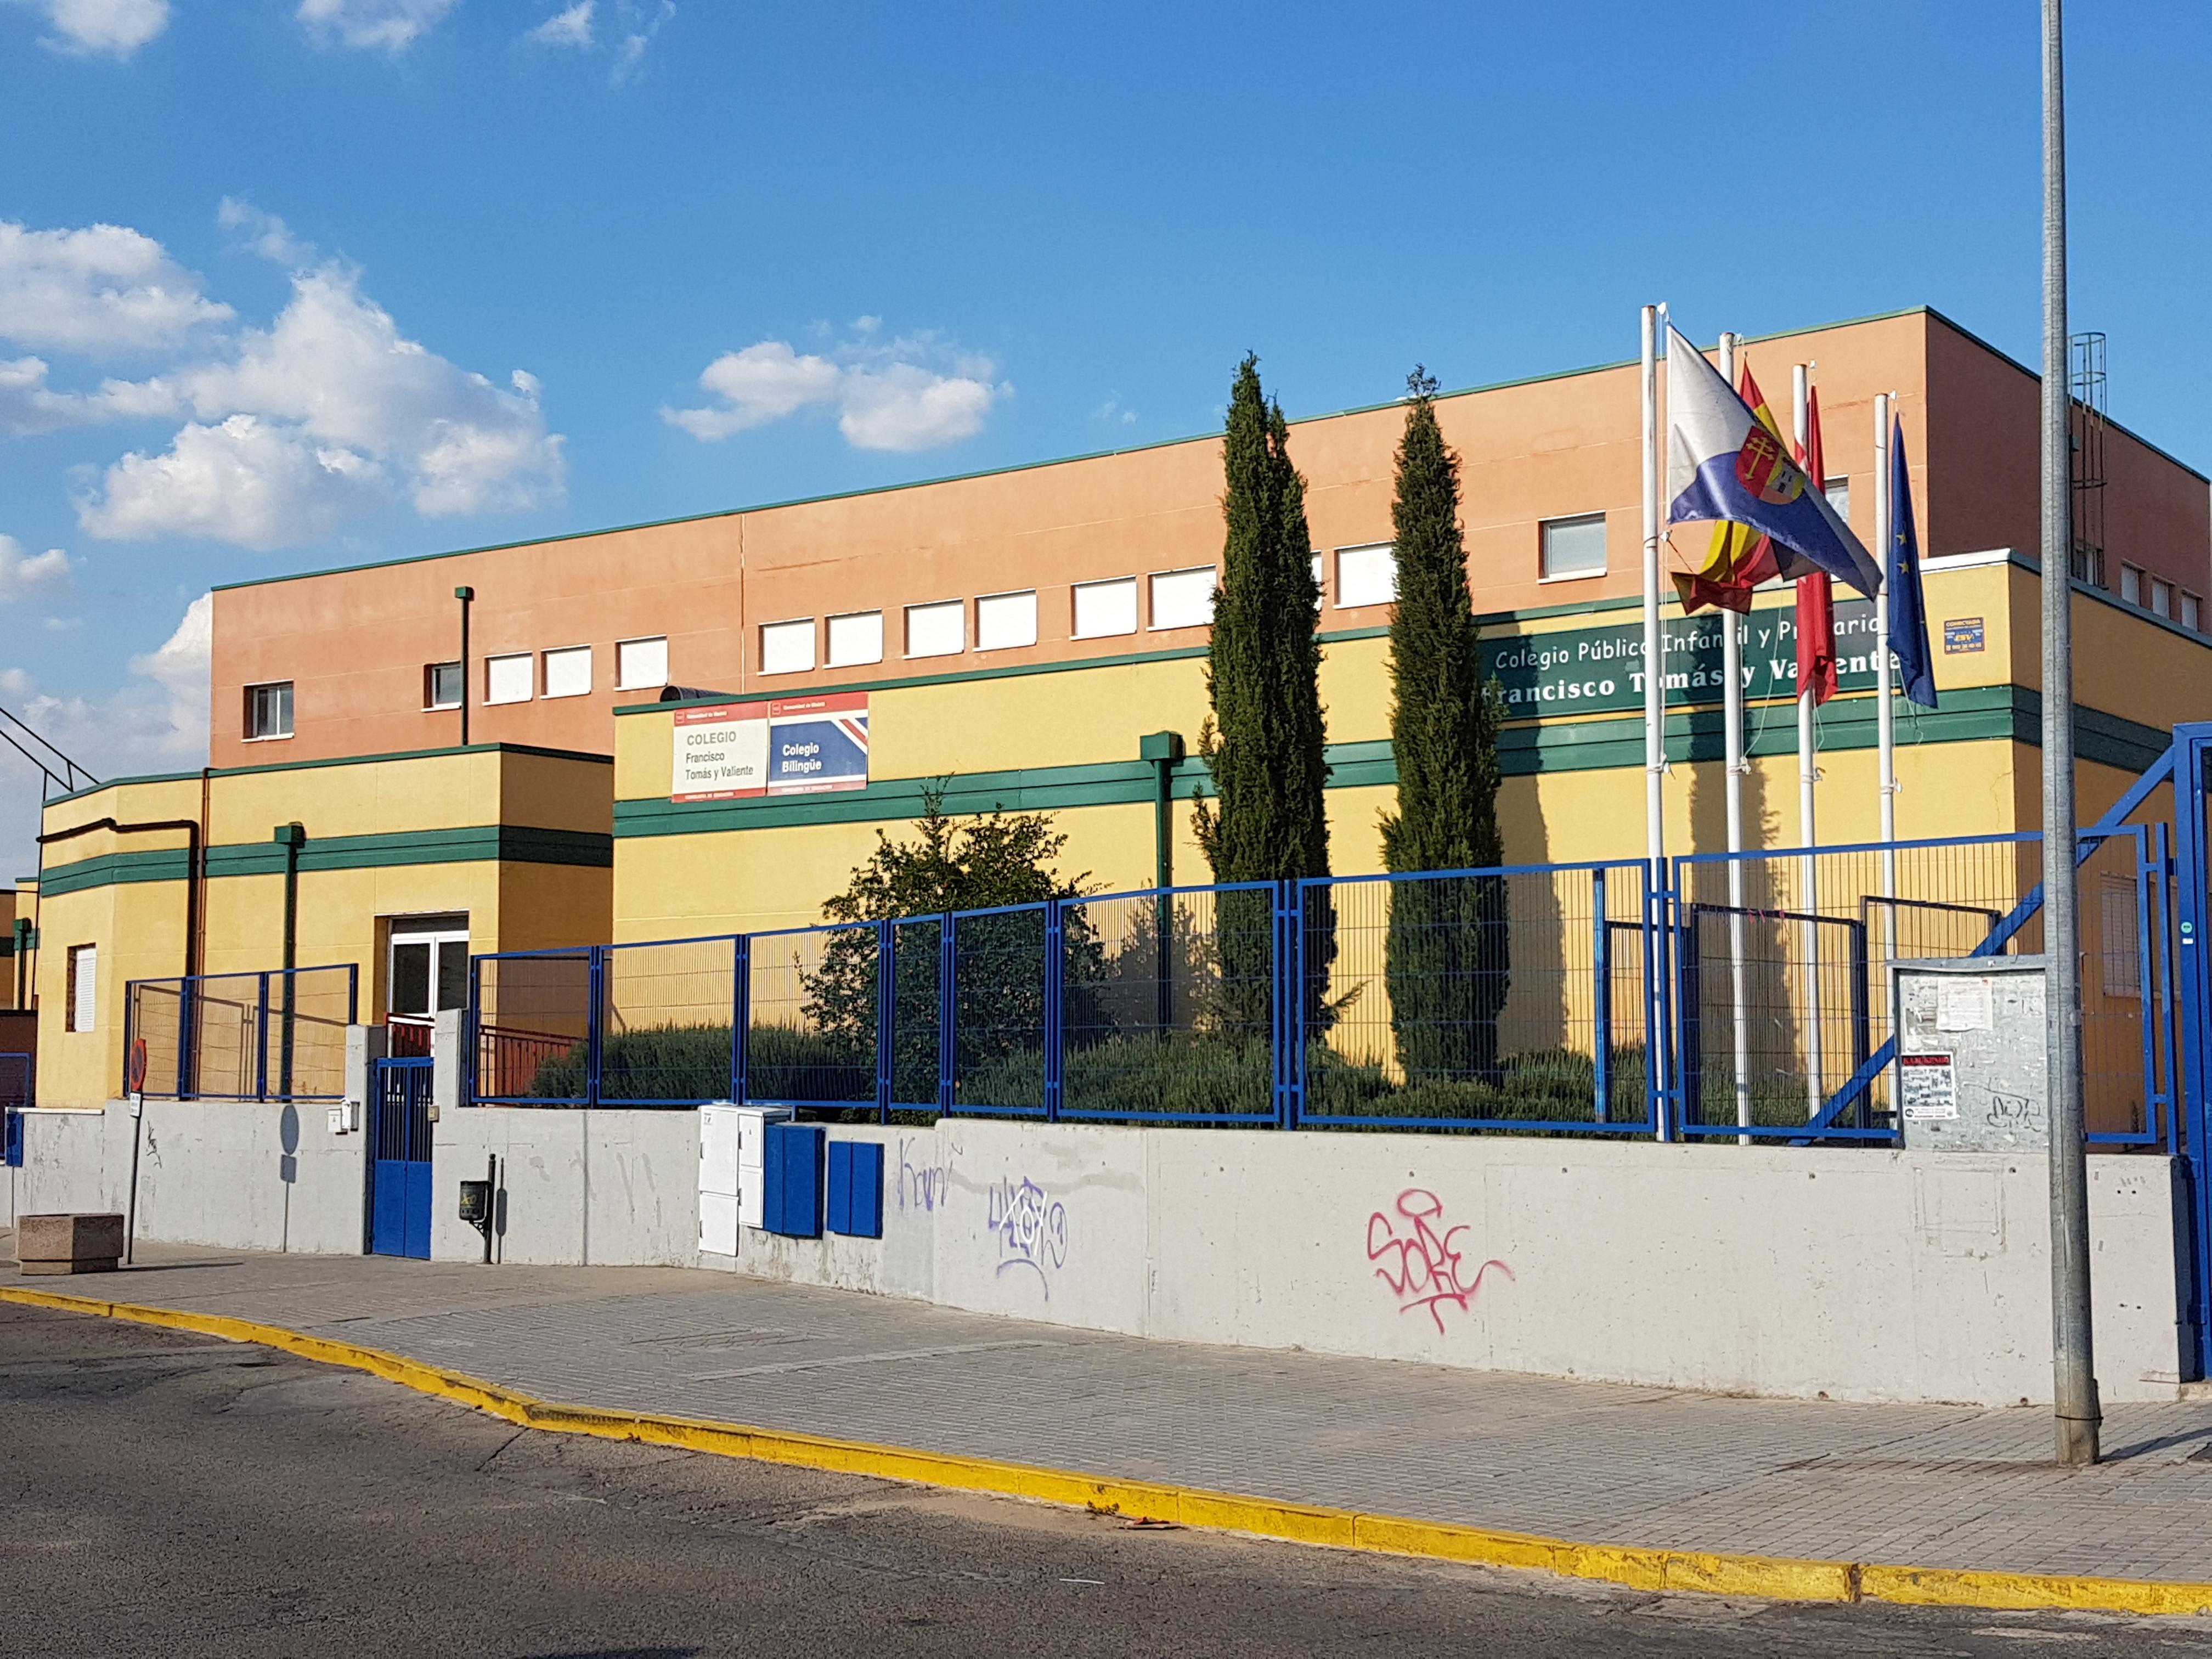 La Concejalía de Educación hace balance de las intervenciones municipales que se han llevado a cabo en los centros educativos